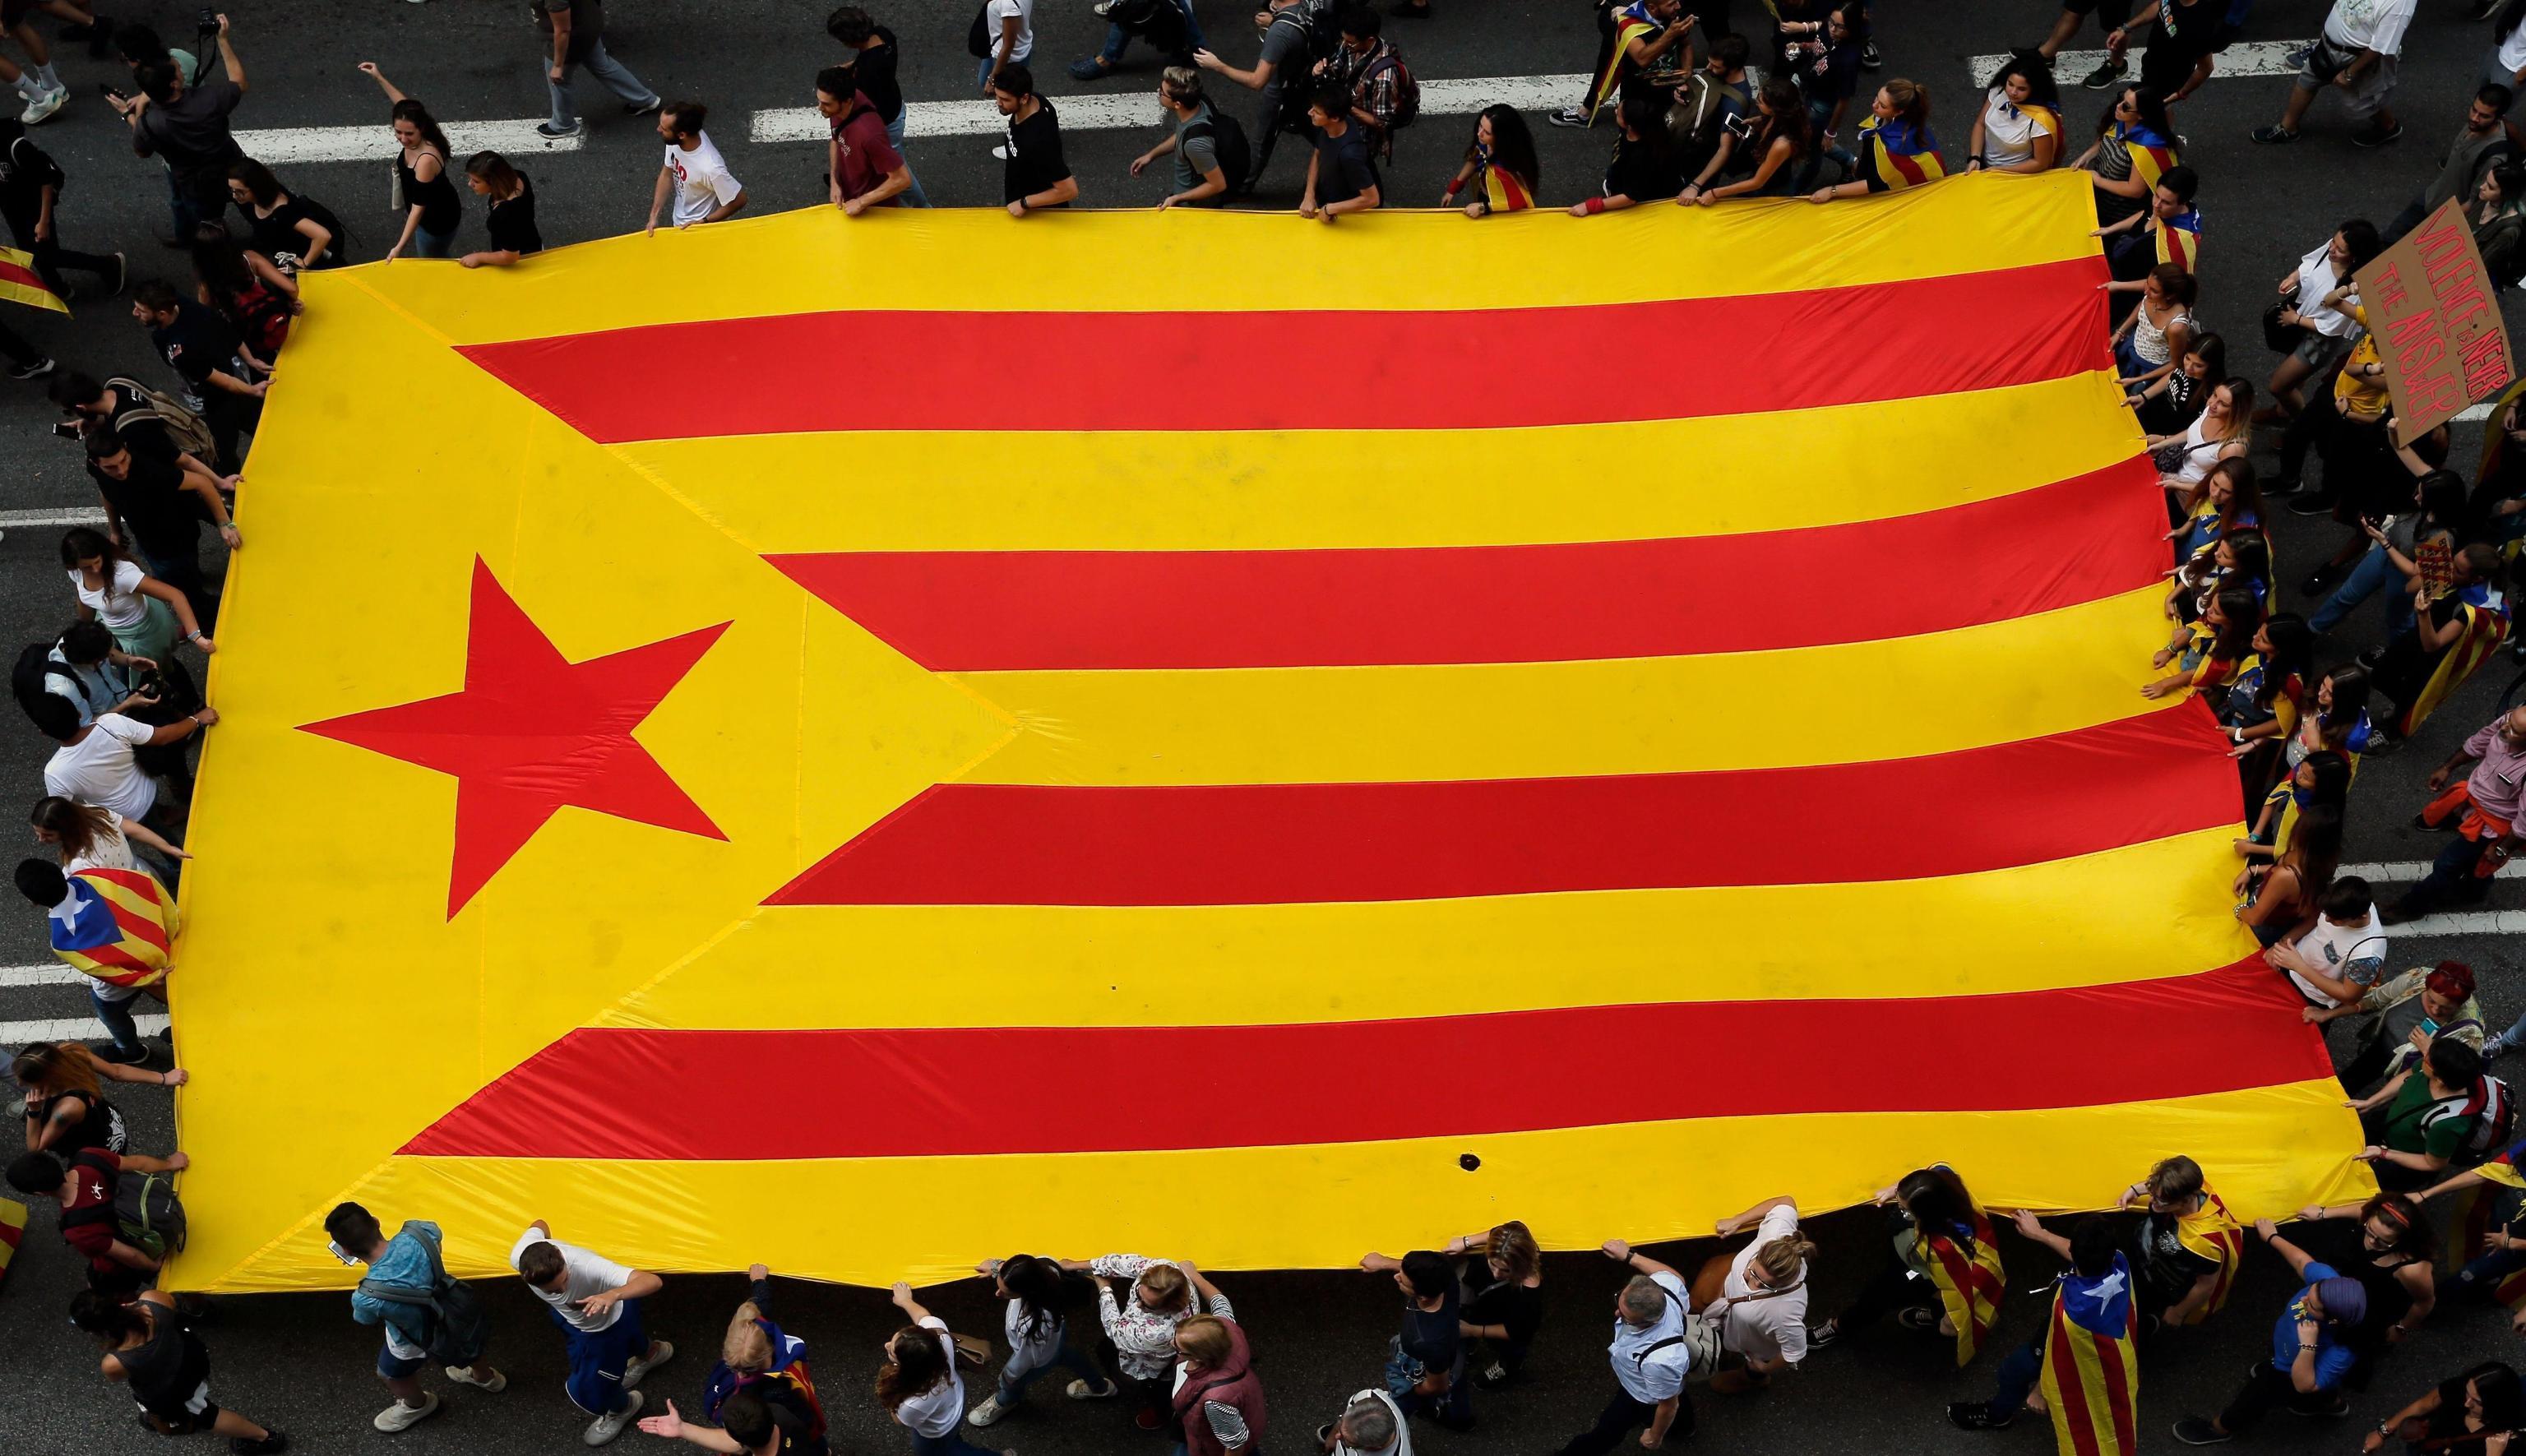 Catalonia estelada vermella